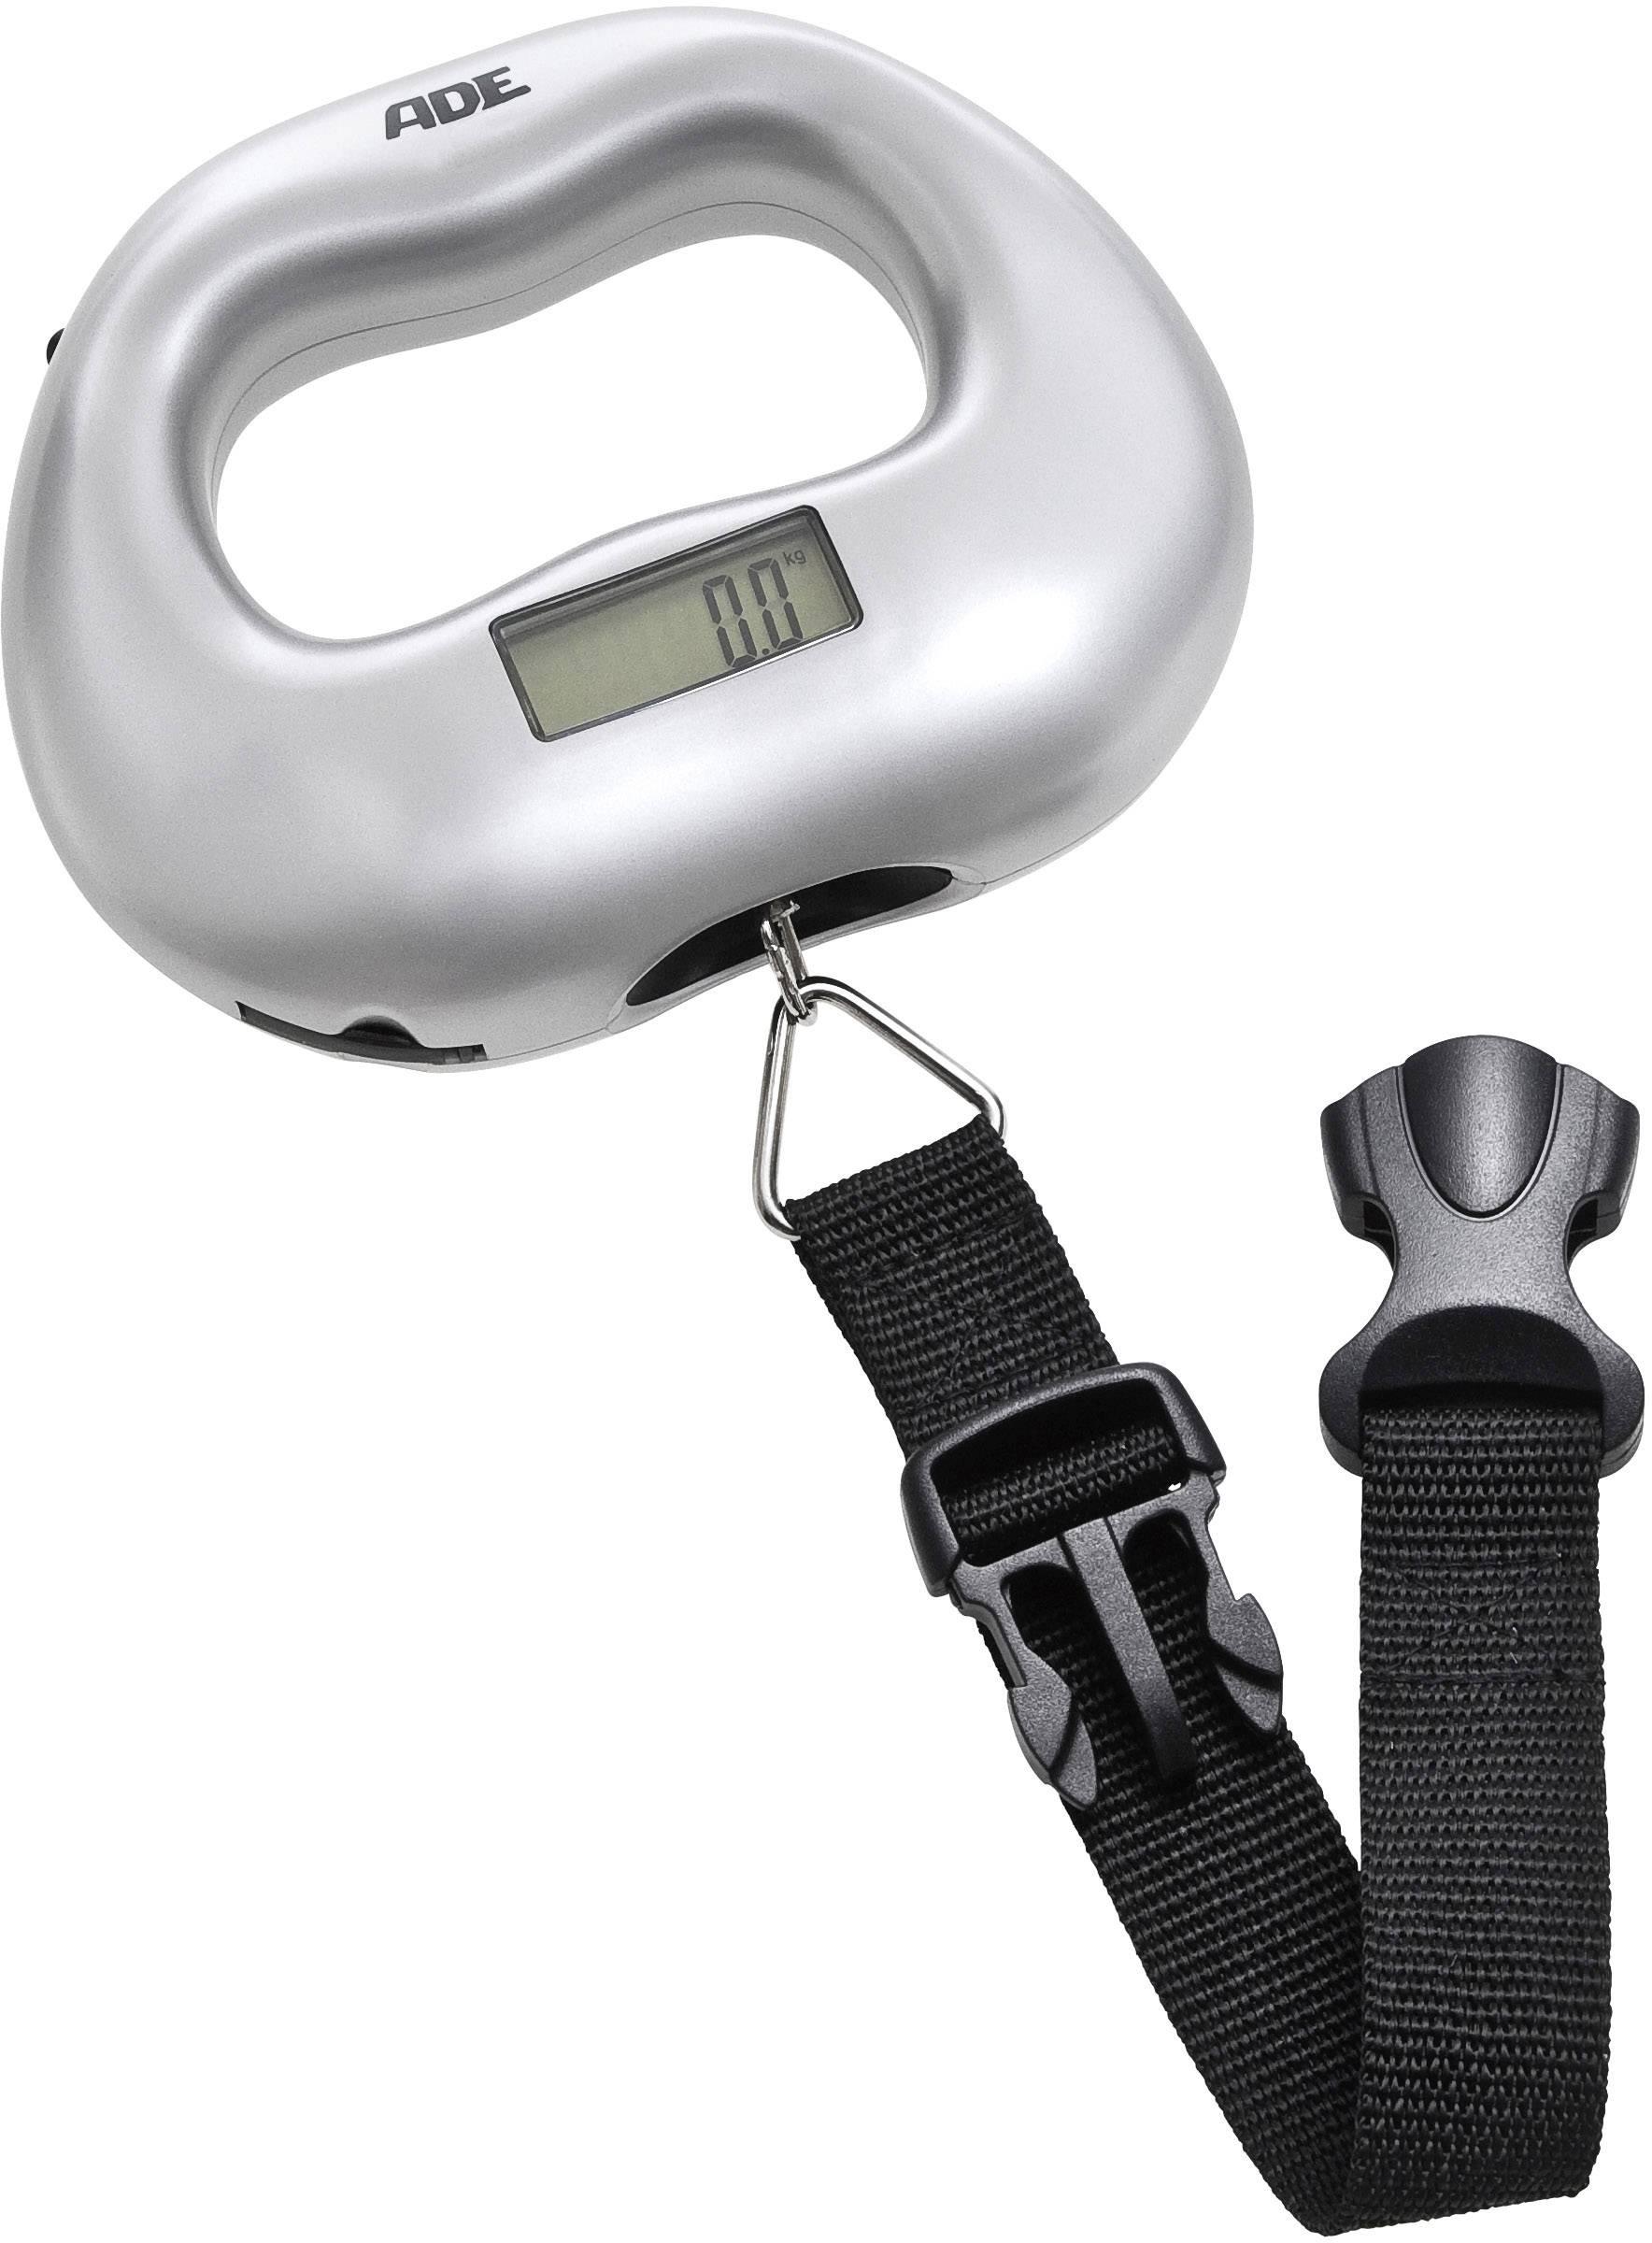 Váha na cestovnú batožinu ADE KW 901 Maxi, max.váživosť 55 kg, presnosť 100 g, striebornočierná